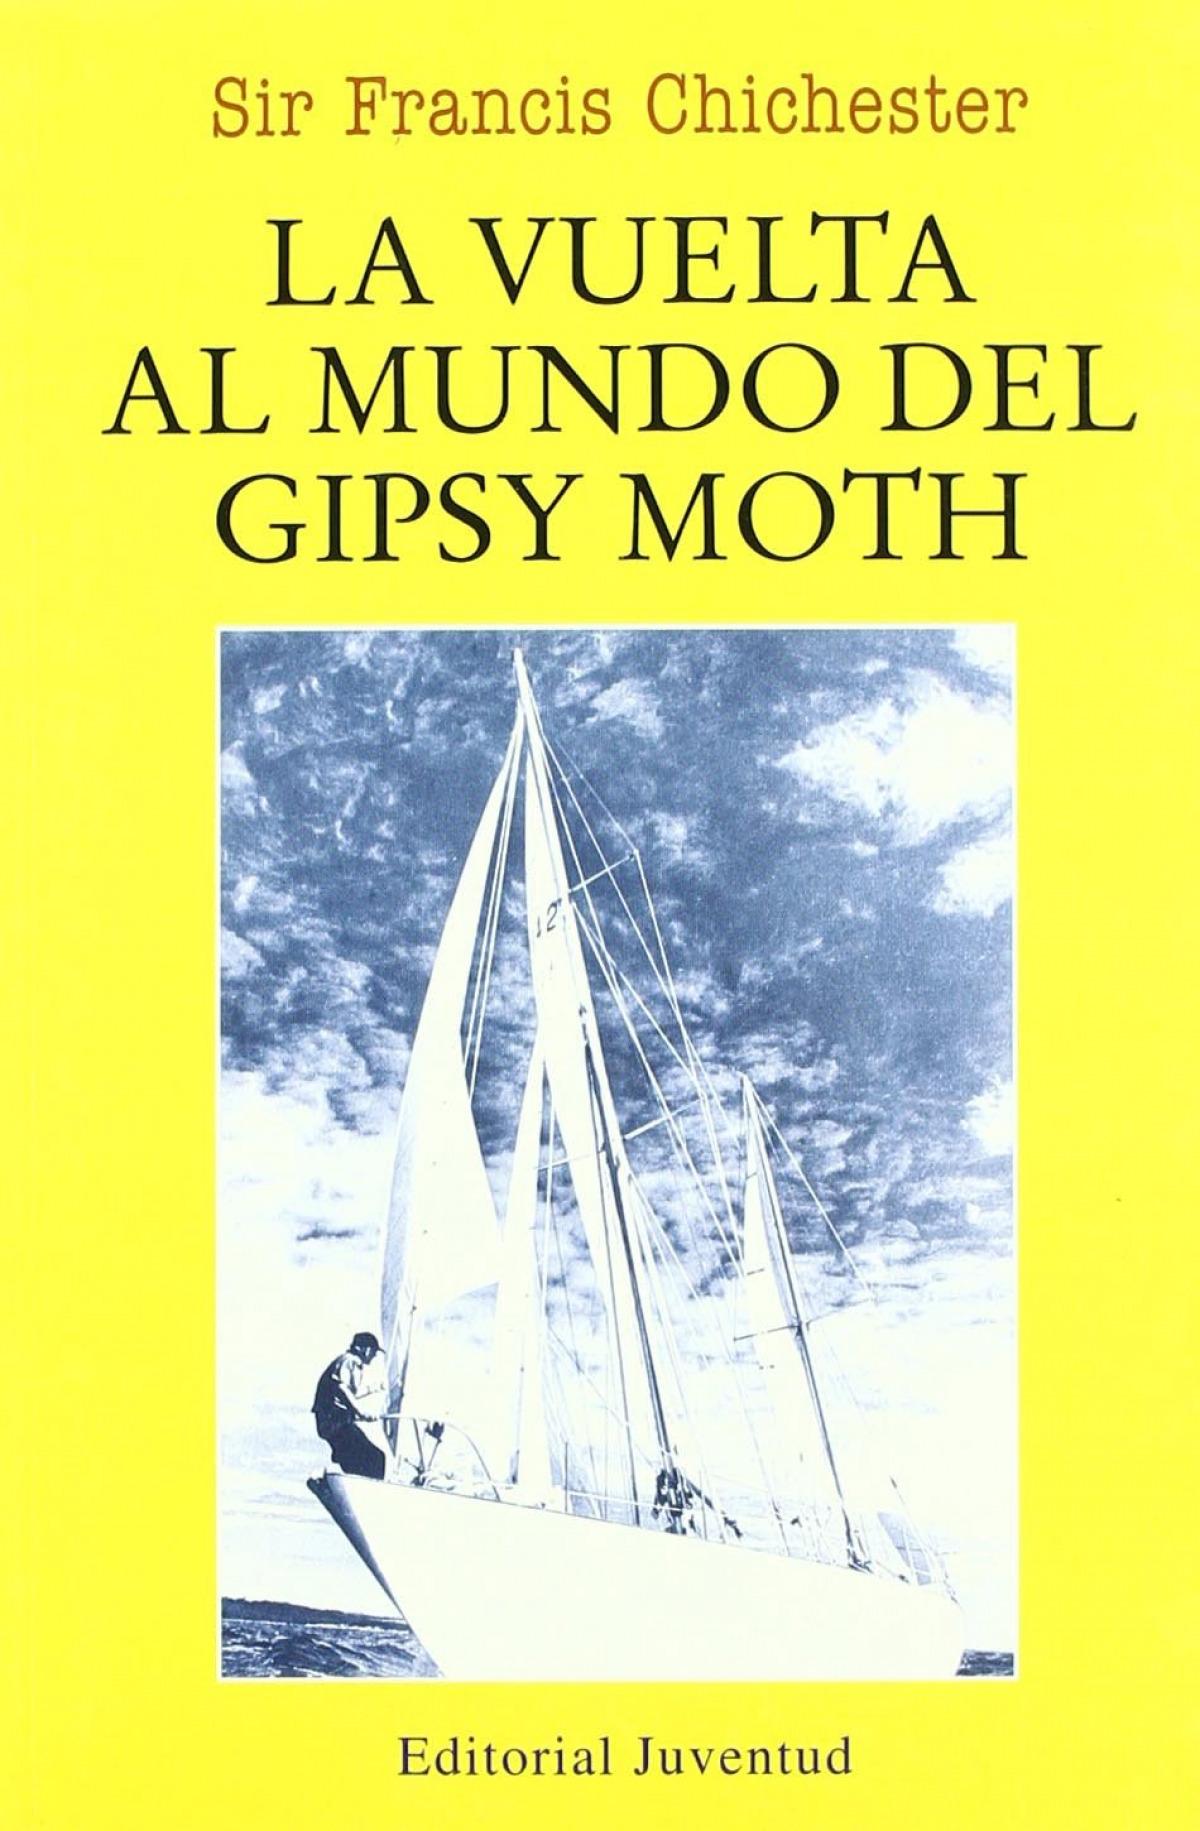 LA VUELTA AL MUNDO DEL GIPSY MOTH 9788426107442